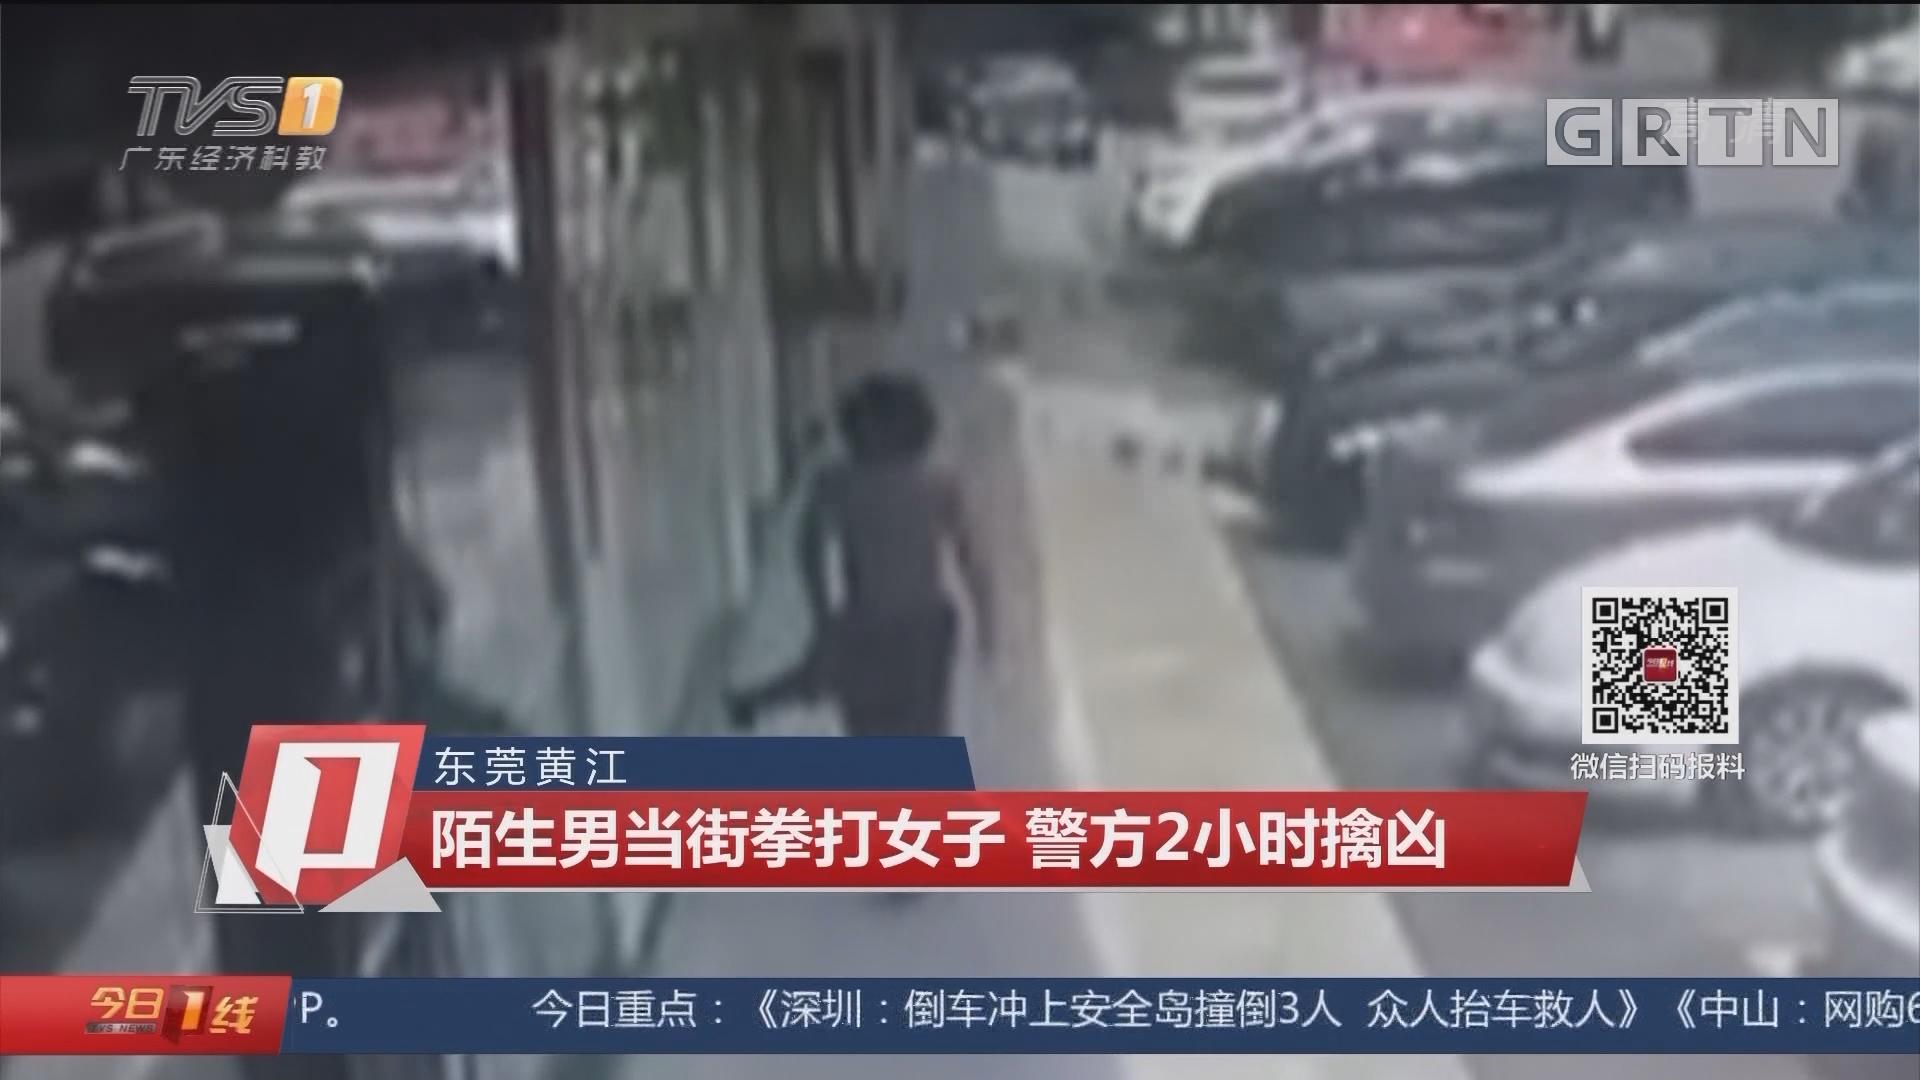 东莞黄江:陌生男当街拳打女子 警方2小时擒凶